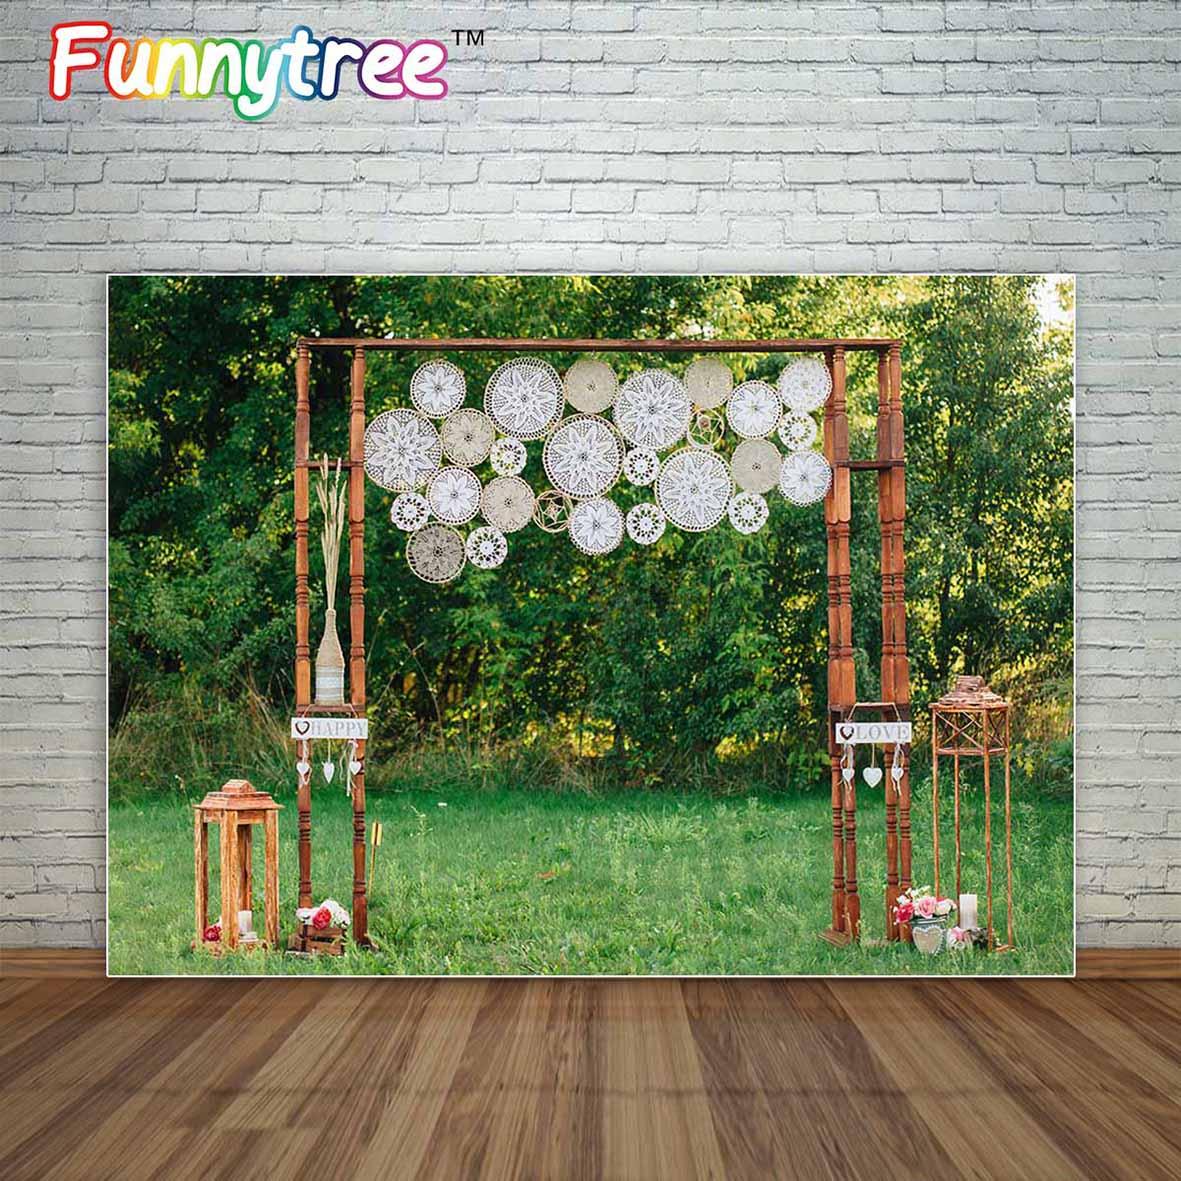 Expressief Allenjoy Wedding Boho Bohemian Stijl Decoratie Boog In Natuur Grasland Fotografische Achtergrond Achtergrond Fond Studio Foto